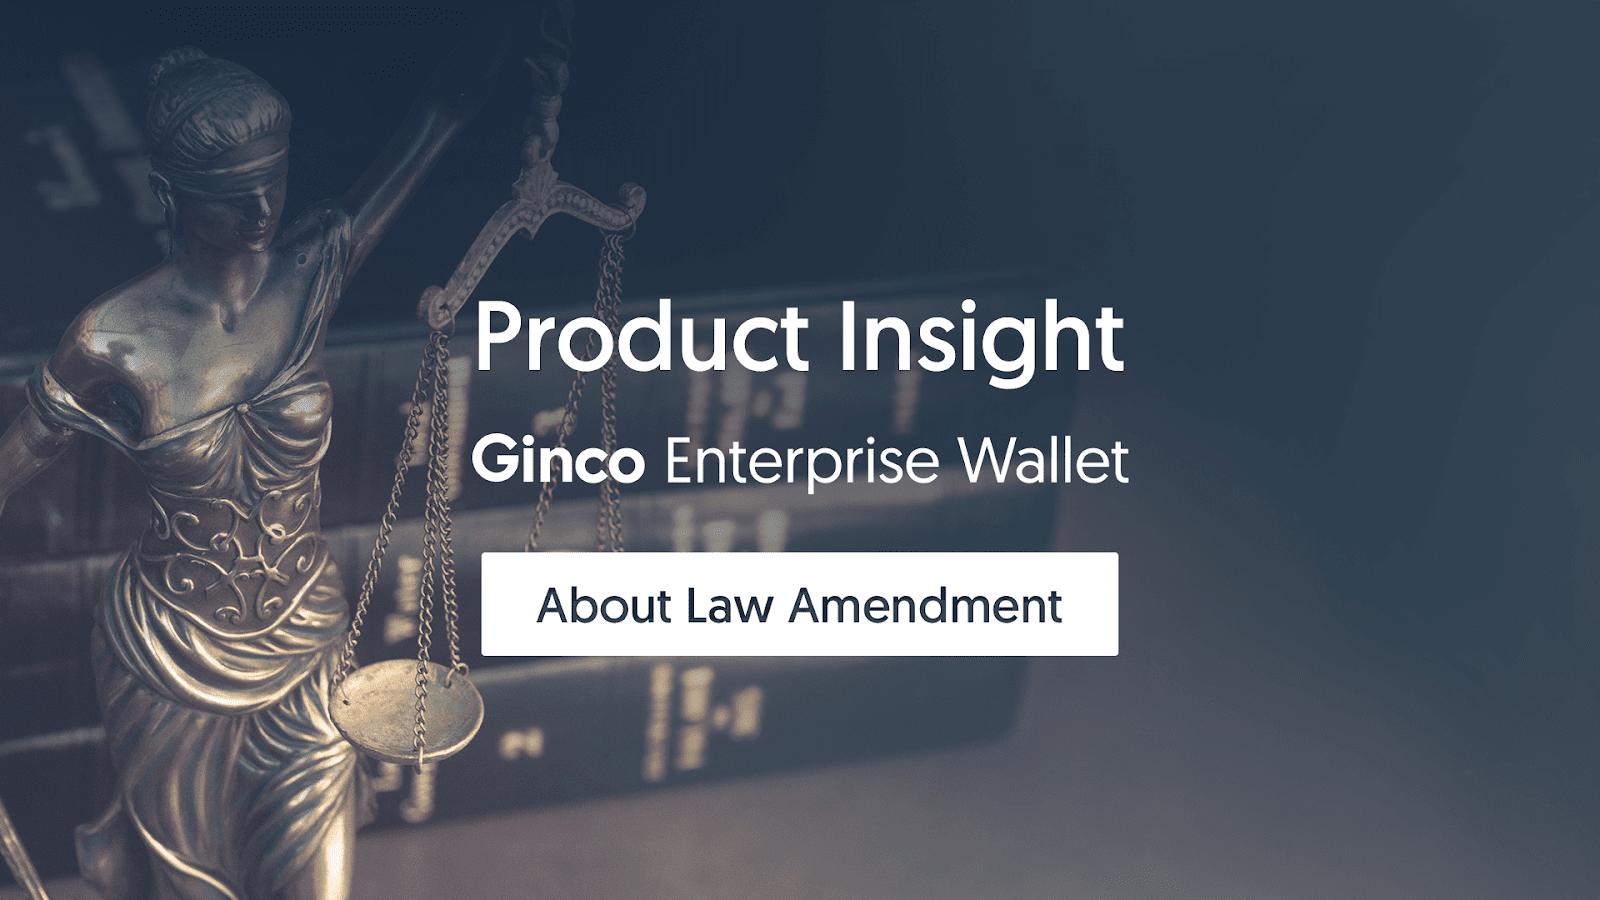 2020年施行予定の資金決済法および金商法の改正による暗号資産管理規制の変化について